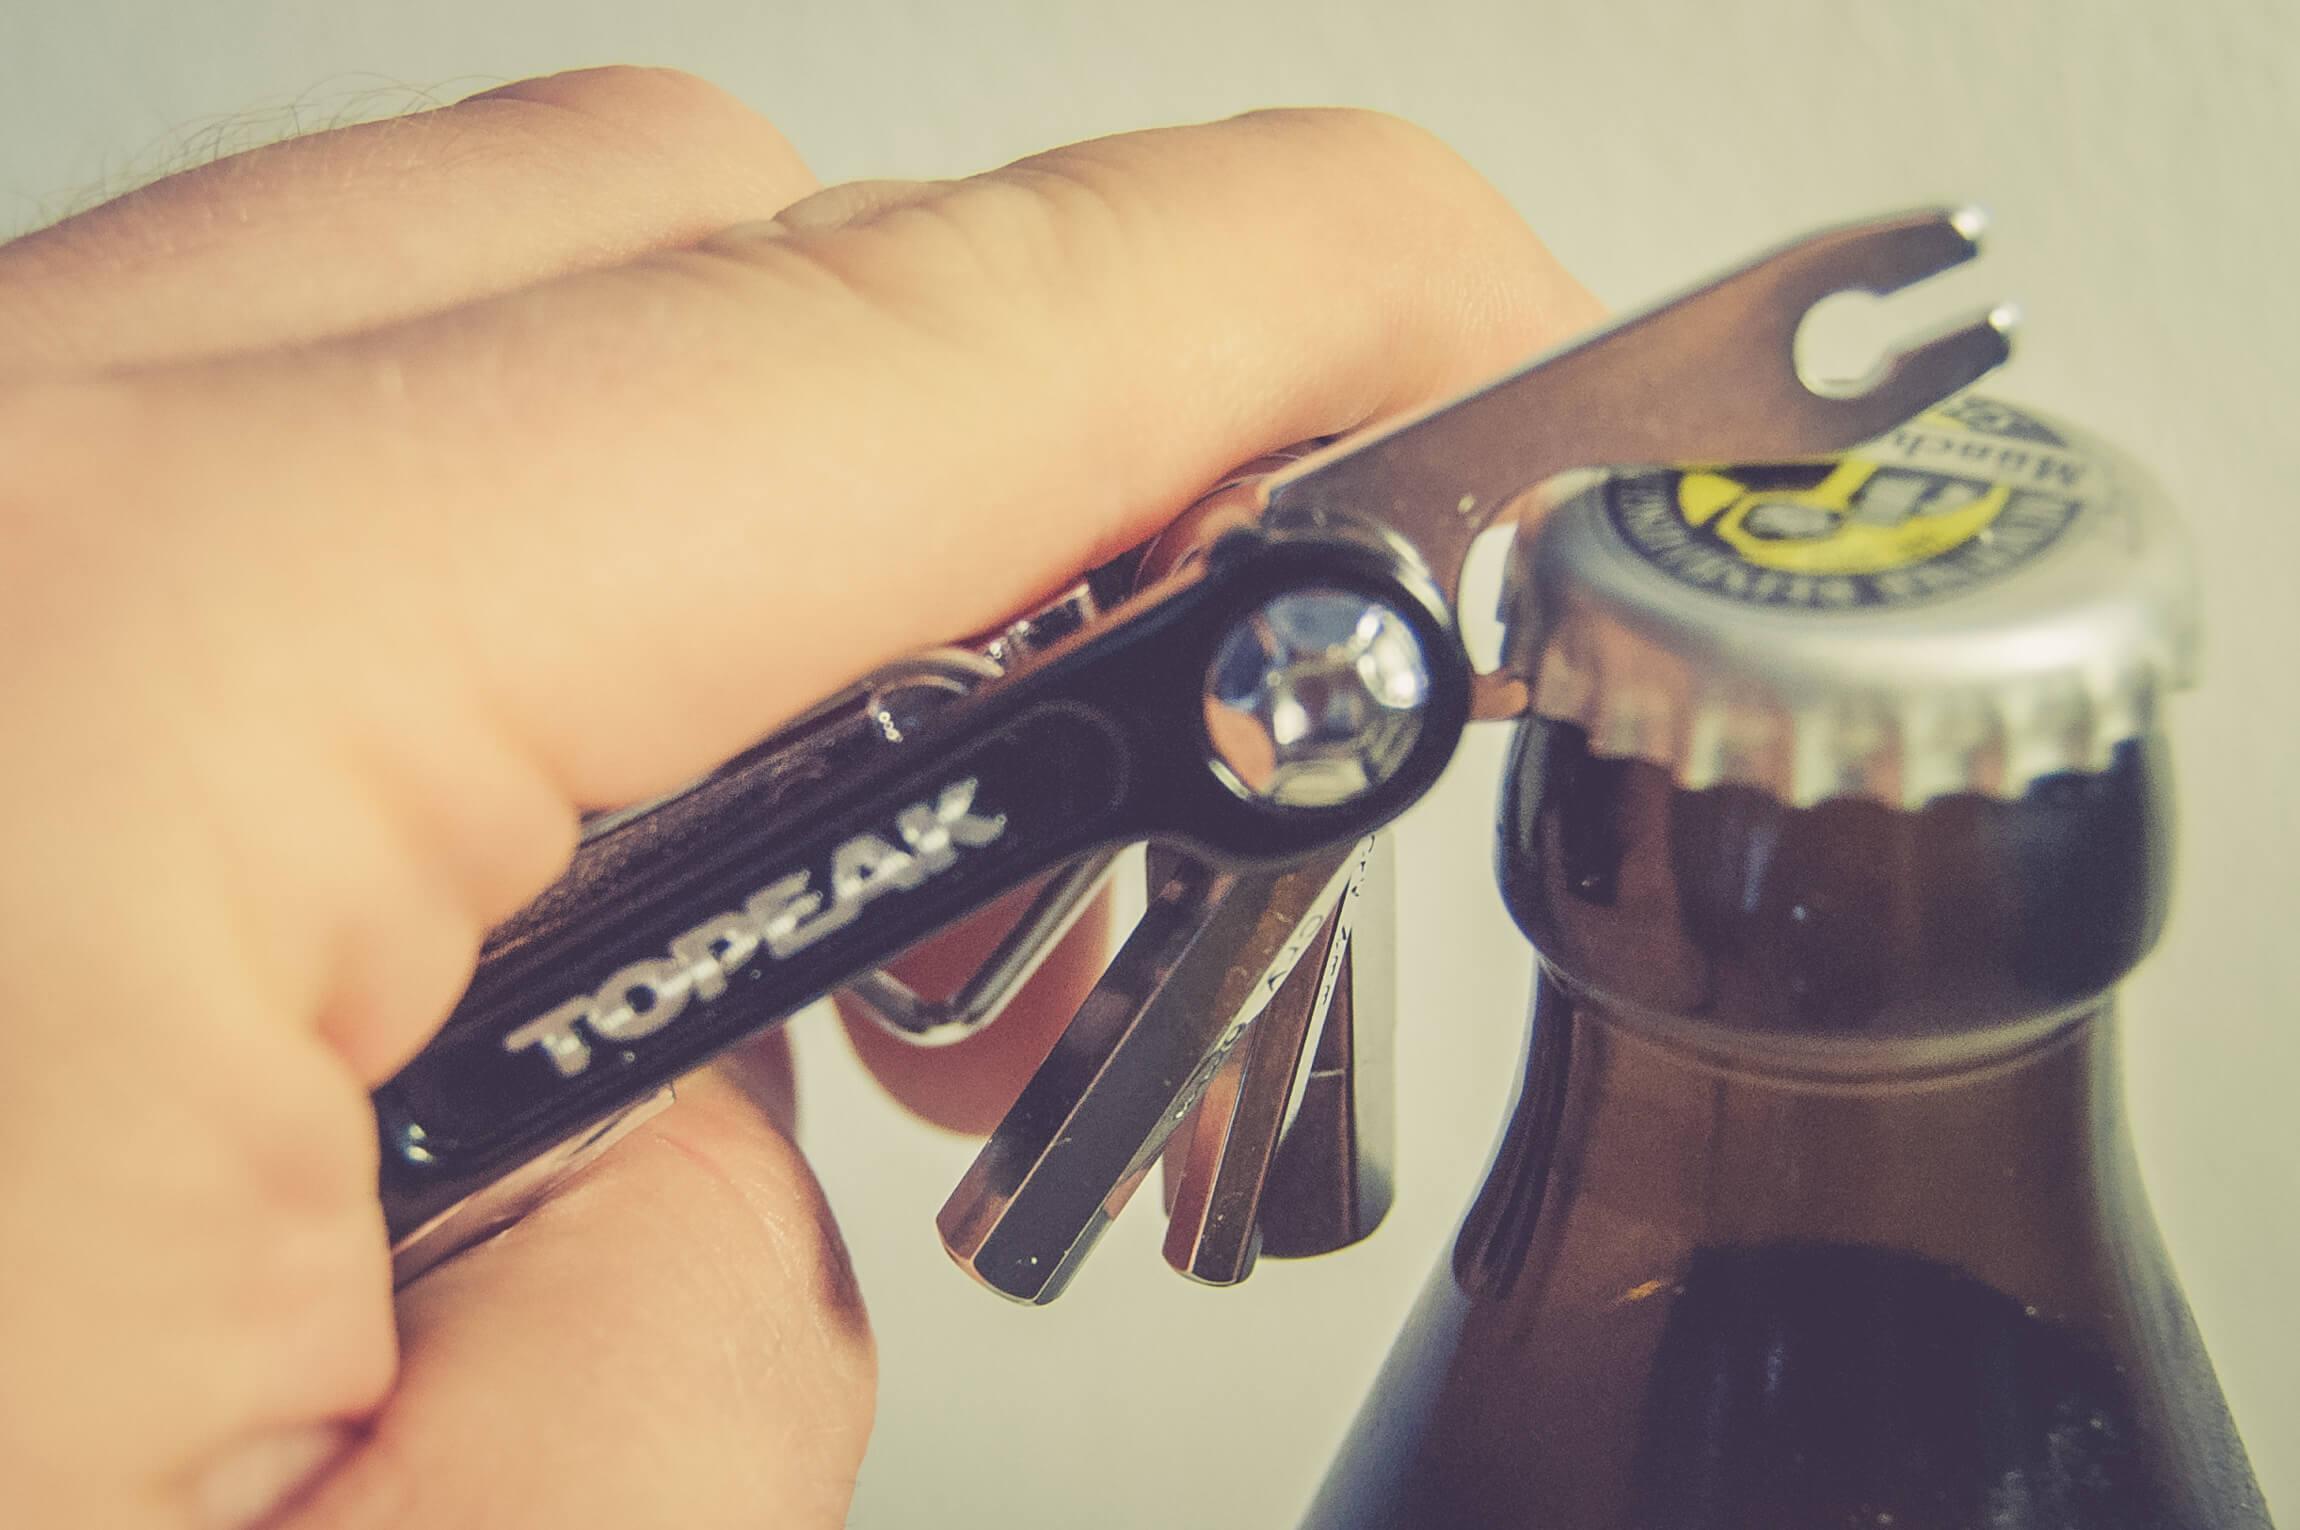 Nicht nur für Flaschen: Das Topeak Mini 20 Multitool